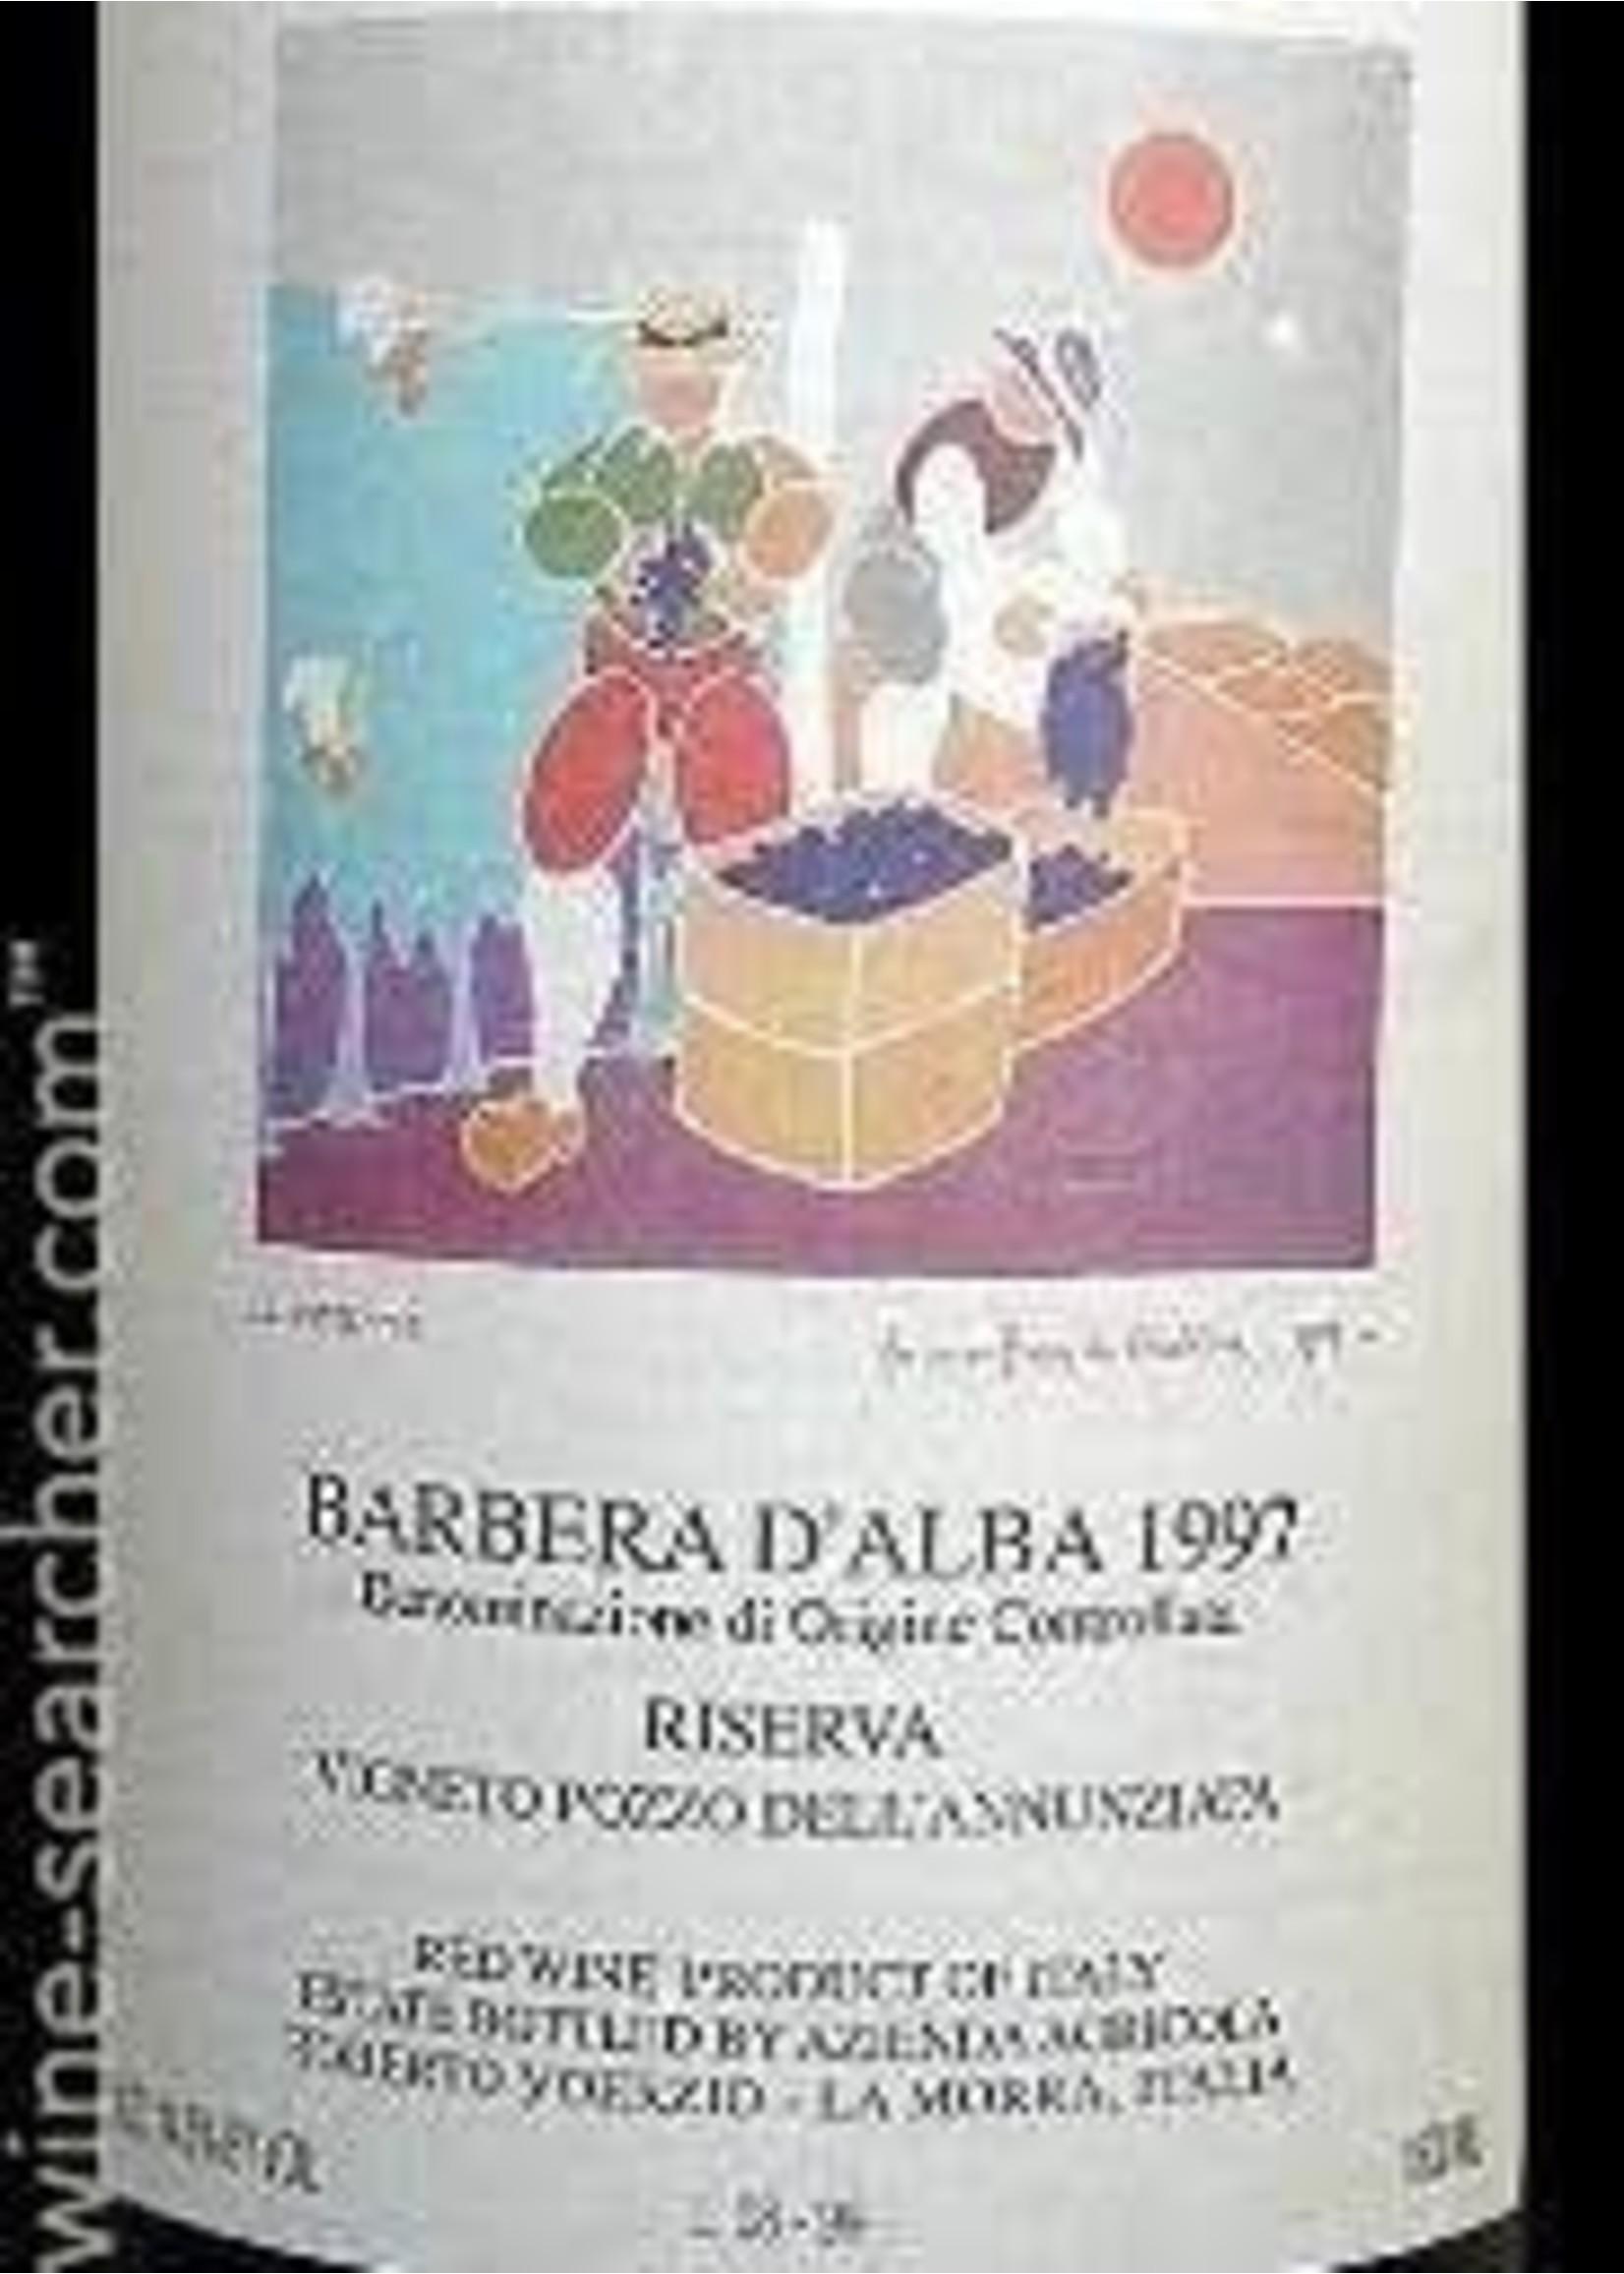 Roberto Voerzio 1997 Barbera d'Alba Riserva Pozzo dell' Annunziata 1.5L [PRE-ARRIVAL]